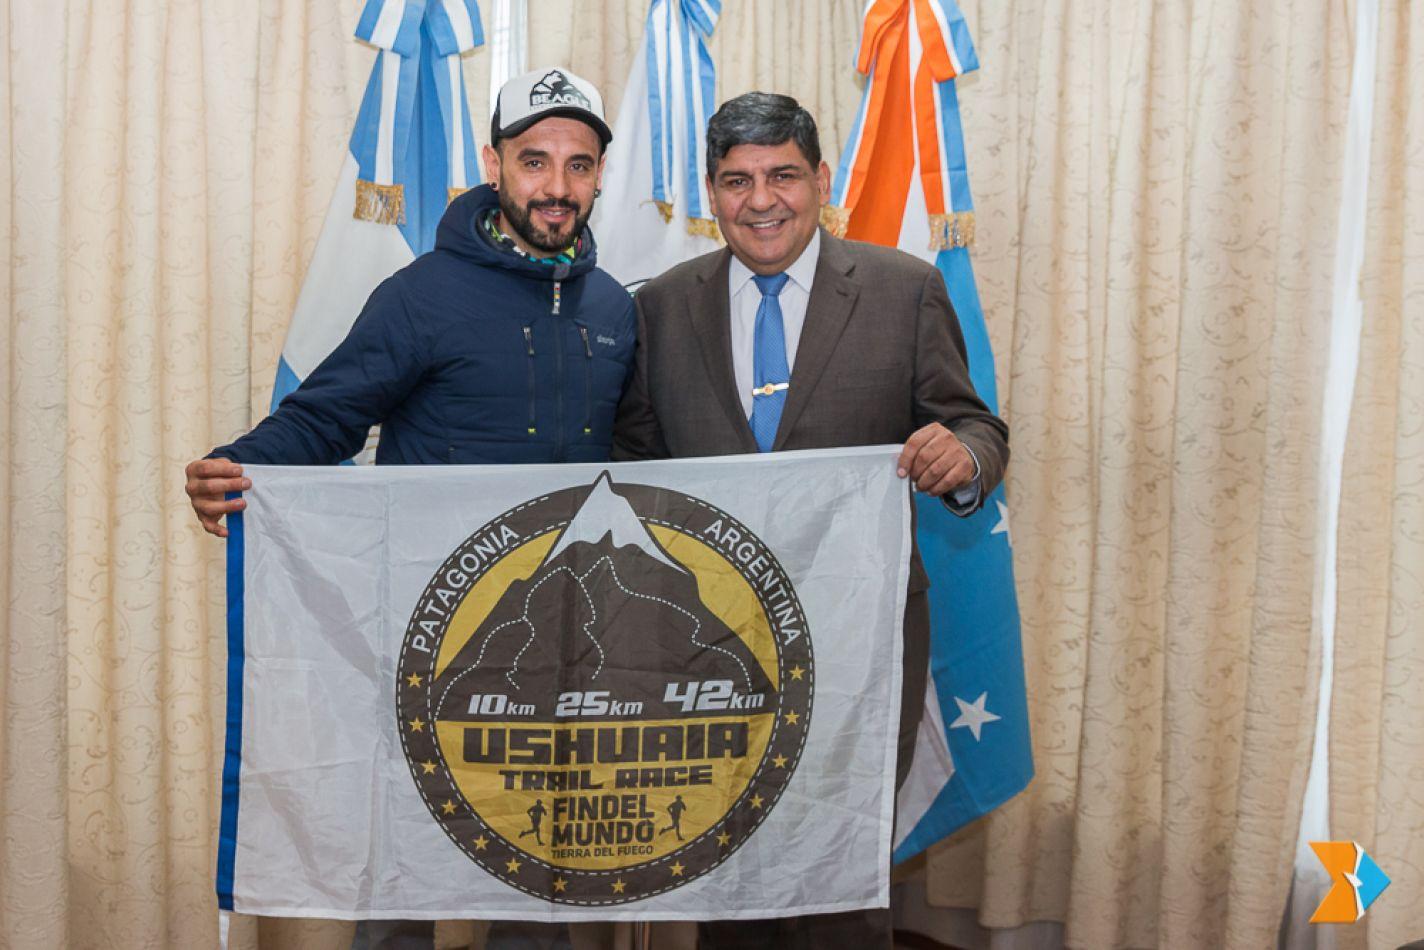 El próximo 16 de marzo del 2019, se llevará a cabo en la capital fueguina la III Edición de la competencia de Trail Running 100% de montaña